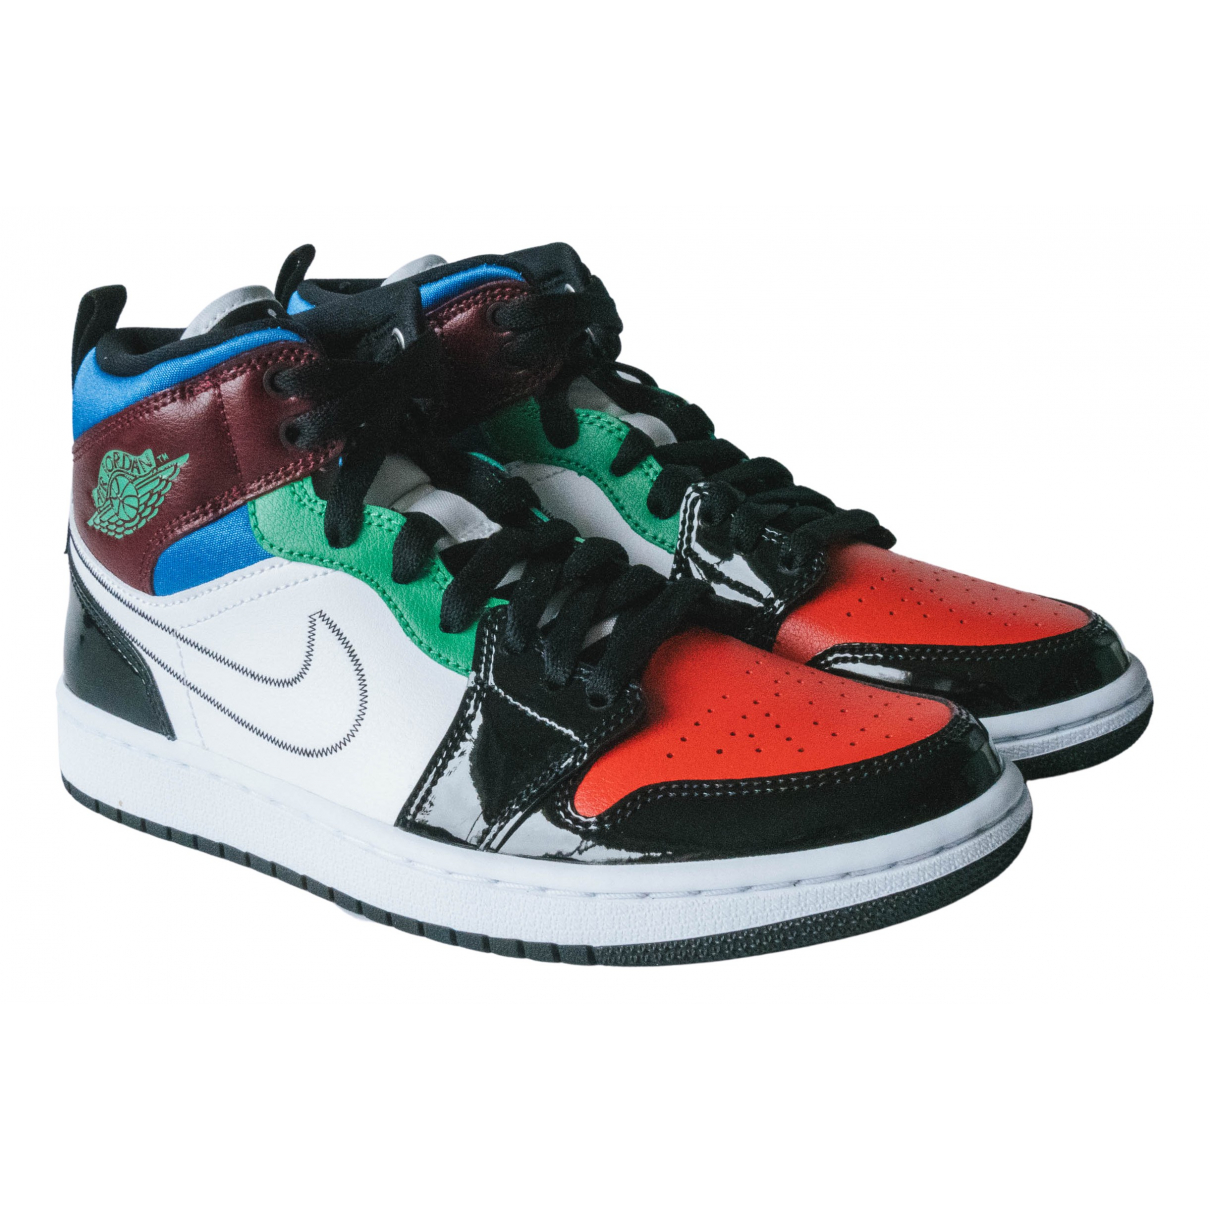 Jordan - Baskets Air Jordan 1  pour femme en cuir verni - multicolore